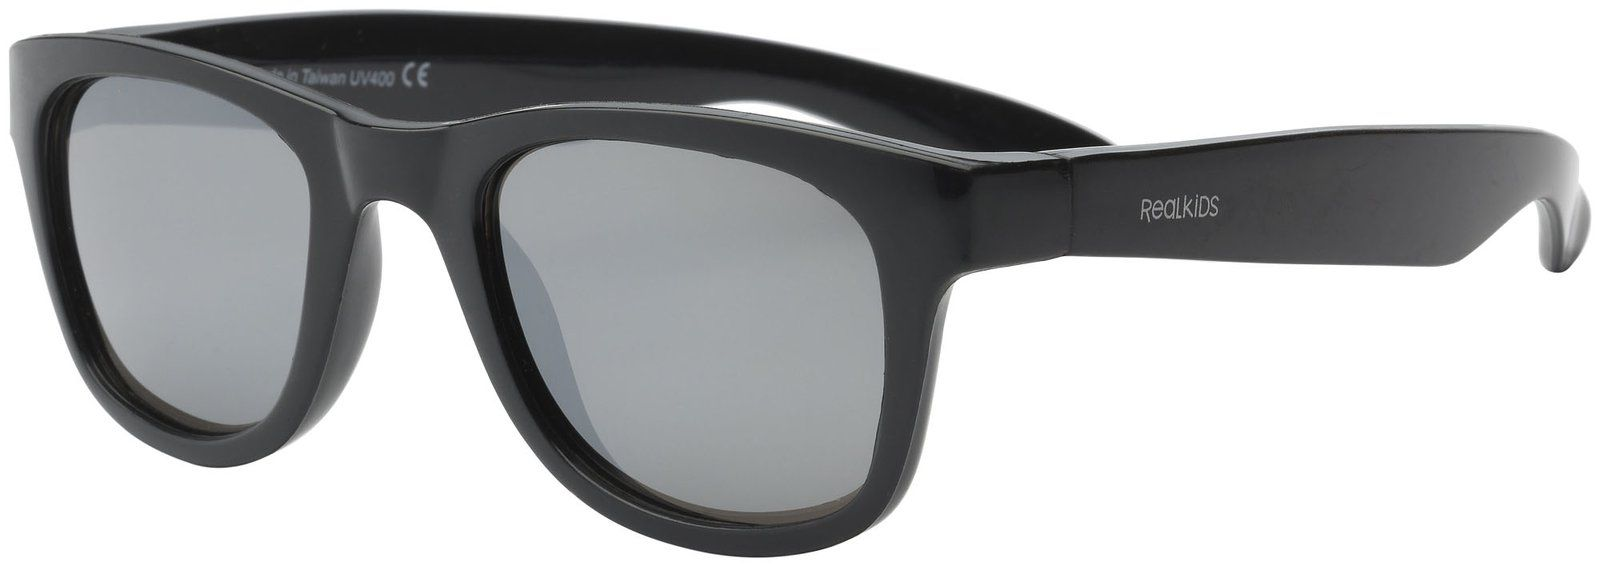 Real kids shades Solbriller fra real shades - surf flex - sort fra babygear.dk